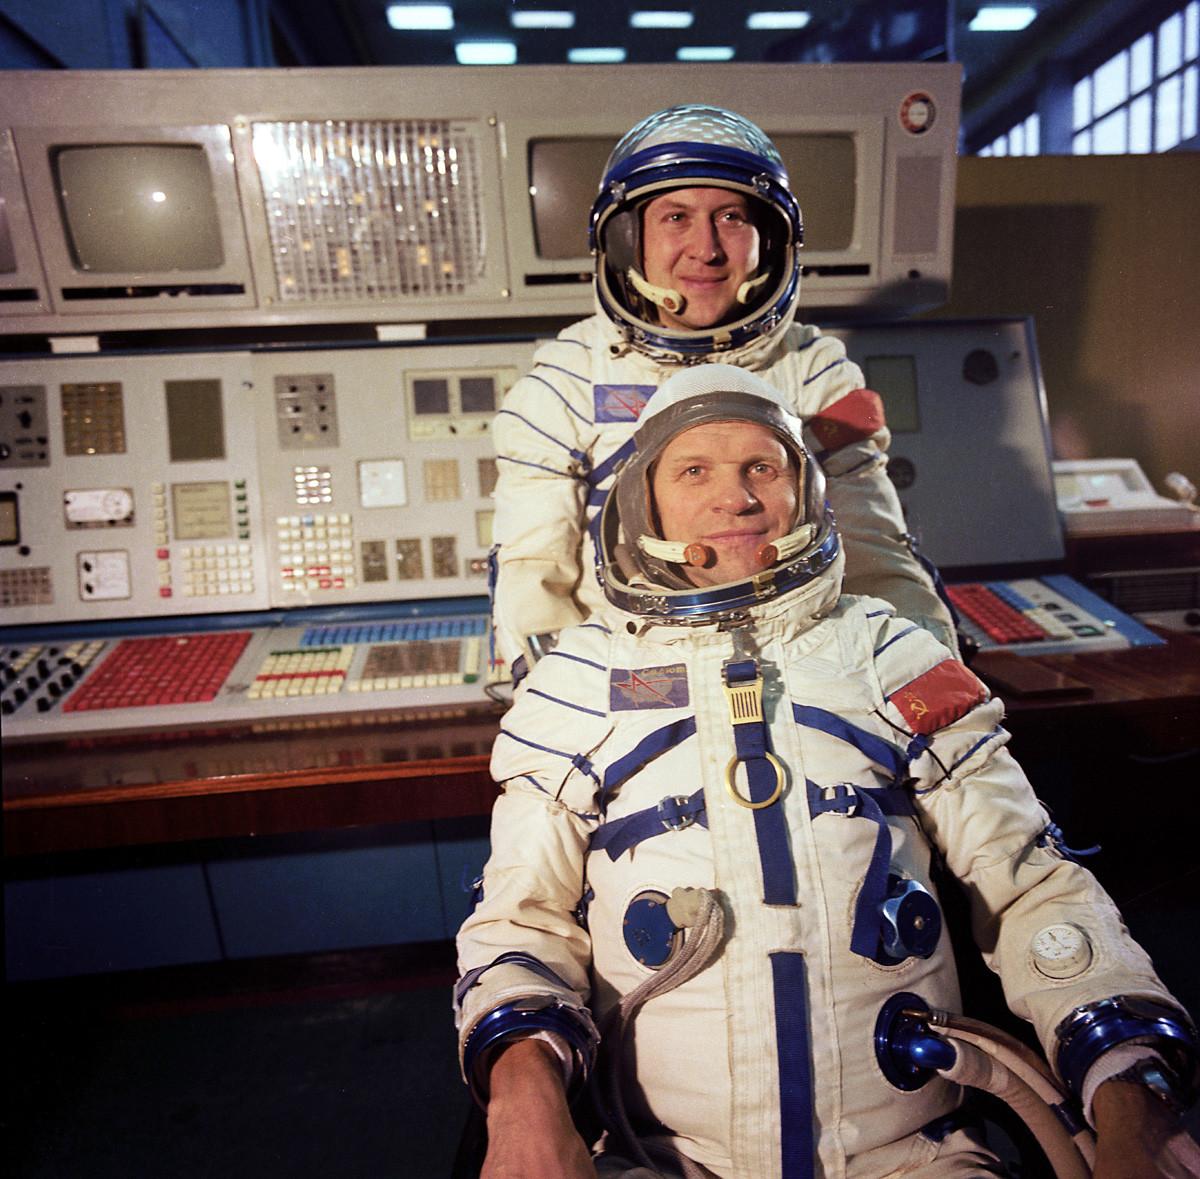 「ソユーズ28号」 国際スペース・ミッションの参加者である宇宙飛行士。研究宇宙飛行士のウラジミール・レメク(チェコスロバキア)、ミッションの指導者とソ連邦英雄であるソ連の飛行士アレクセイ・グバレフ。ガガーリン宇宙飛行士訓練センターにて。ソユーズ28号は1978 年5 月2 日に発射された。